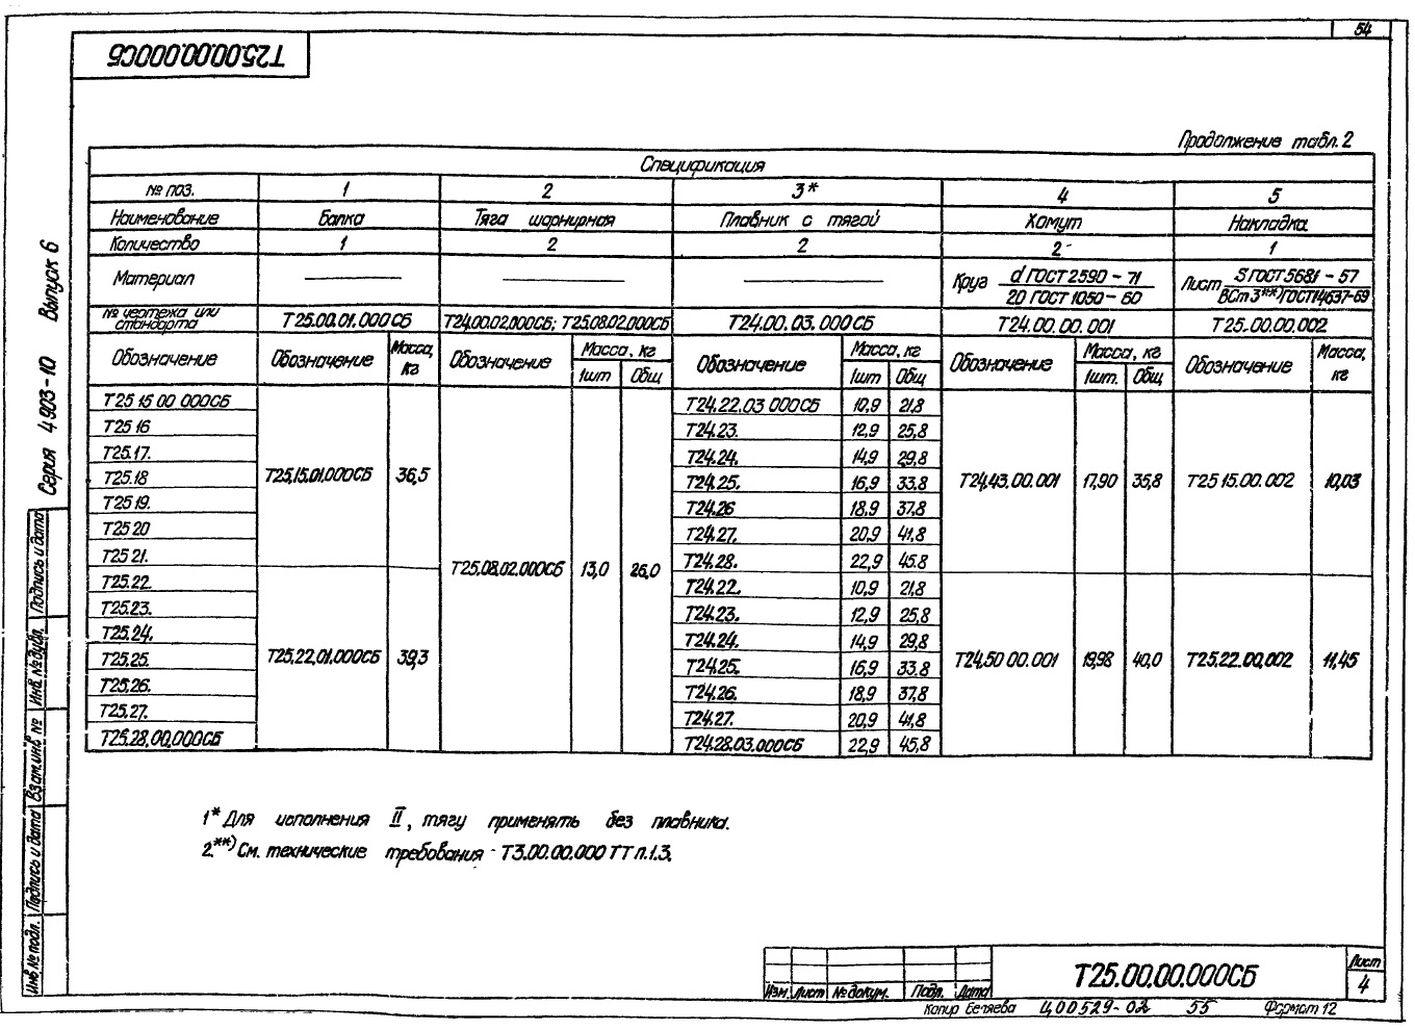 Опора подвесная жесткая Т25 с.4.903-10 вып.6 стр.4